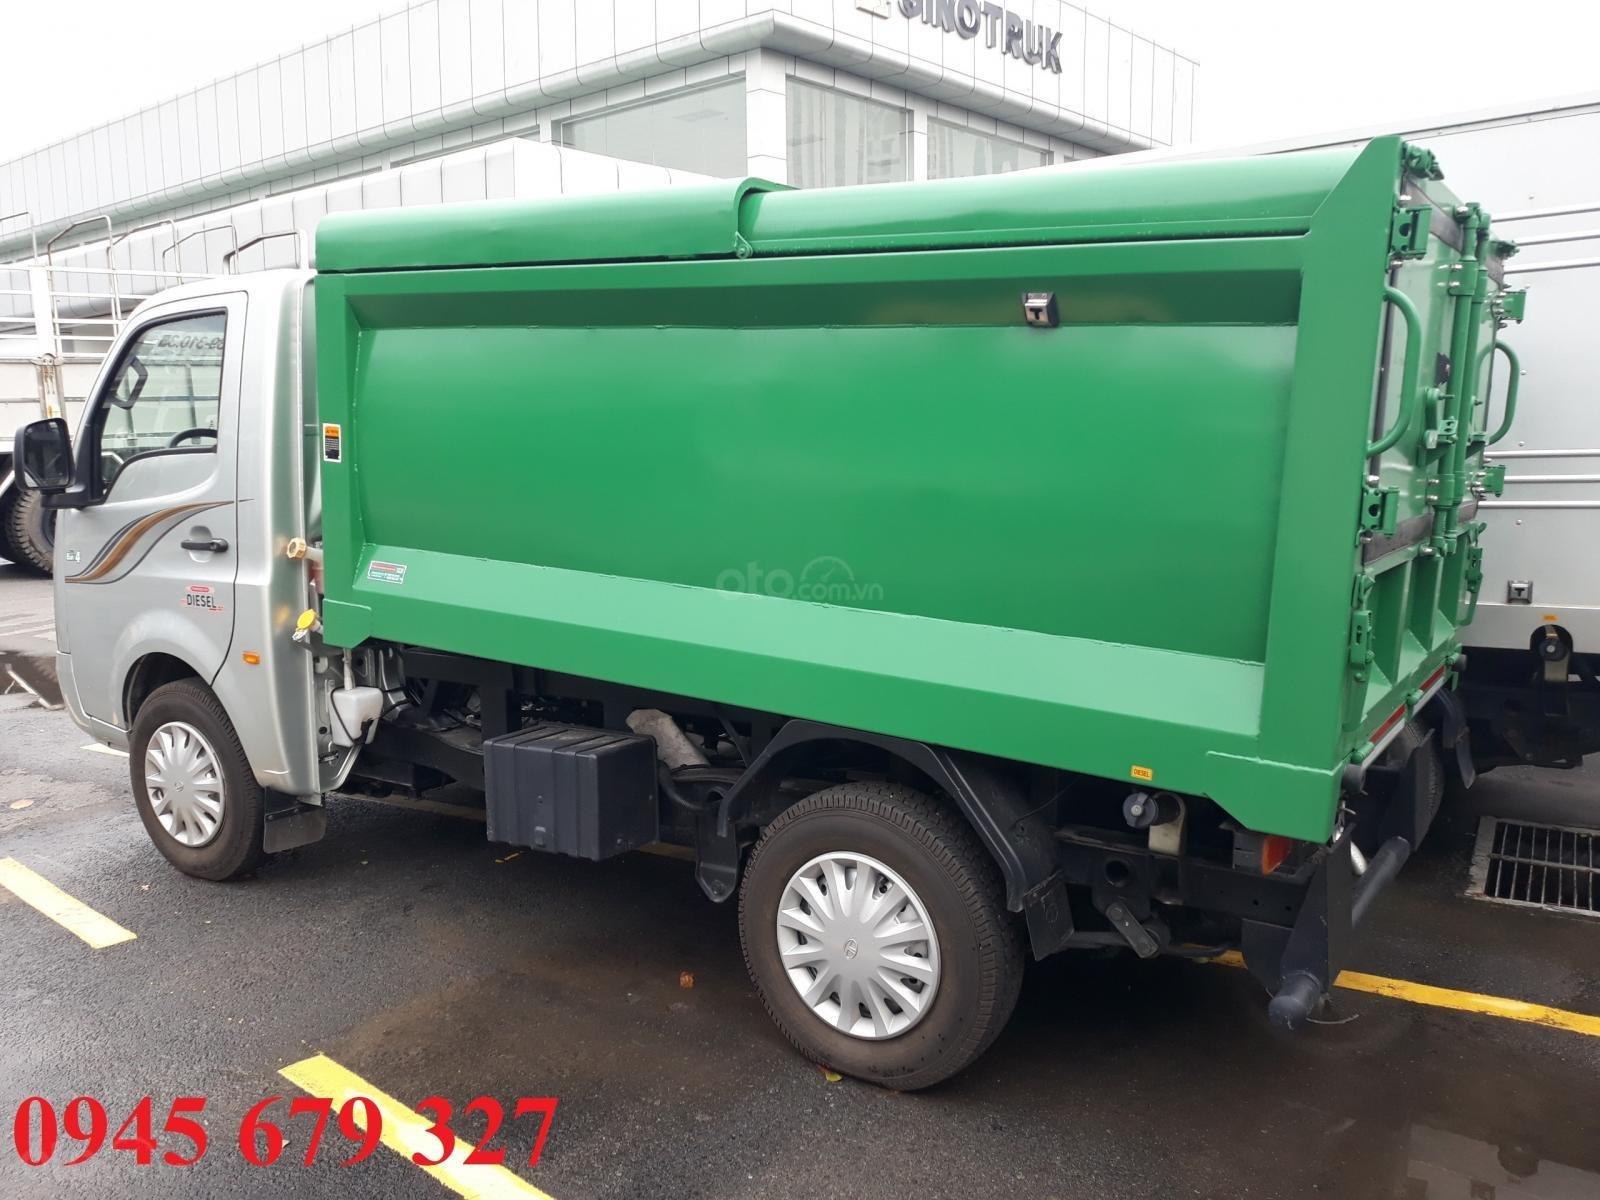 Xe chở rác Tata 990Kg thùng 4 khối máy dầu giá rẻ, hỗ trợ trả góp (3)